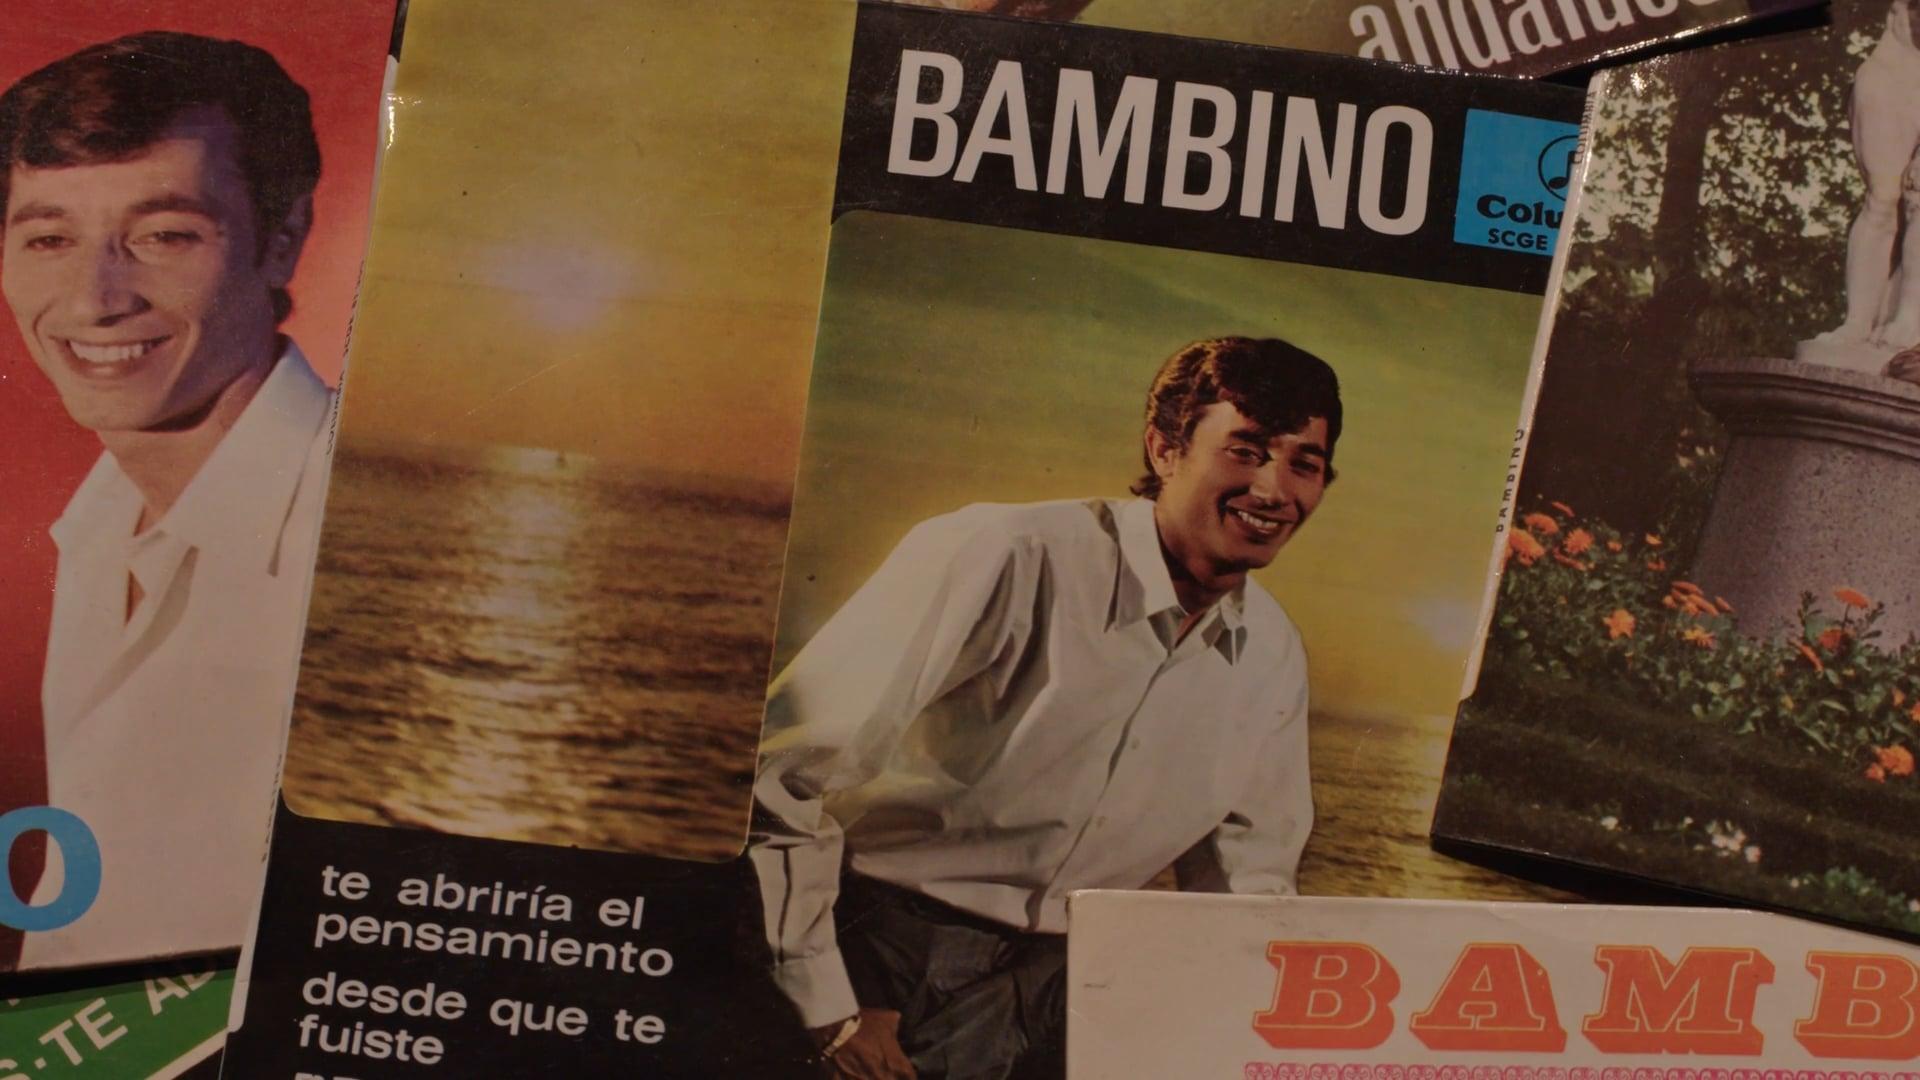 BAMBINO, ALGO SALVAJE (en producción, teaser)